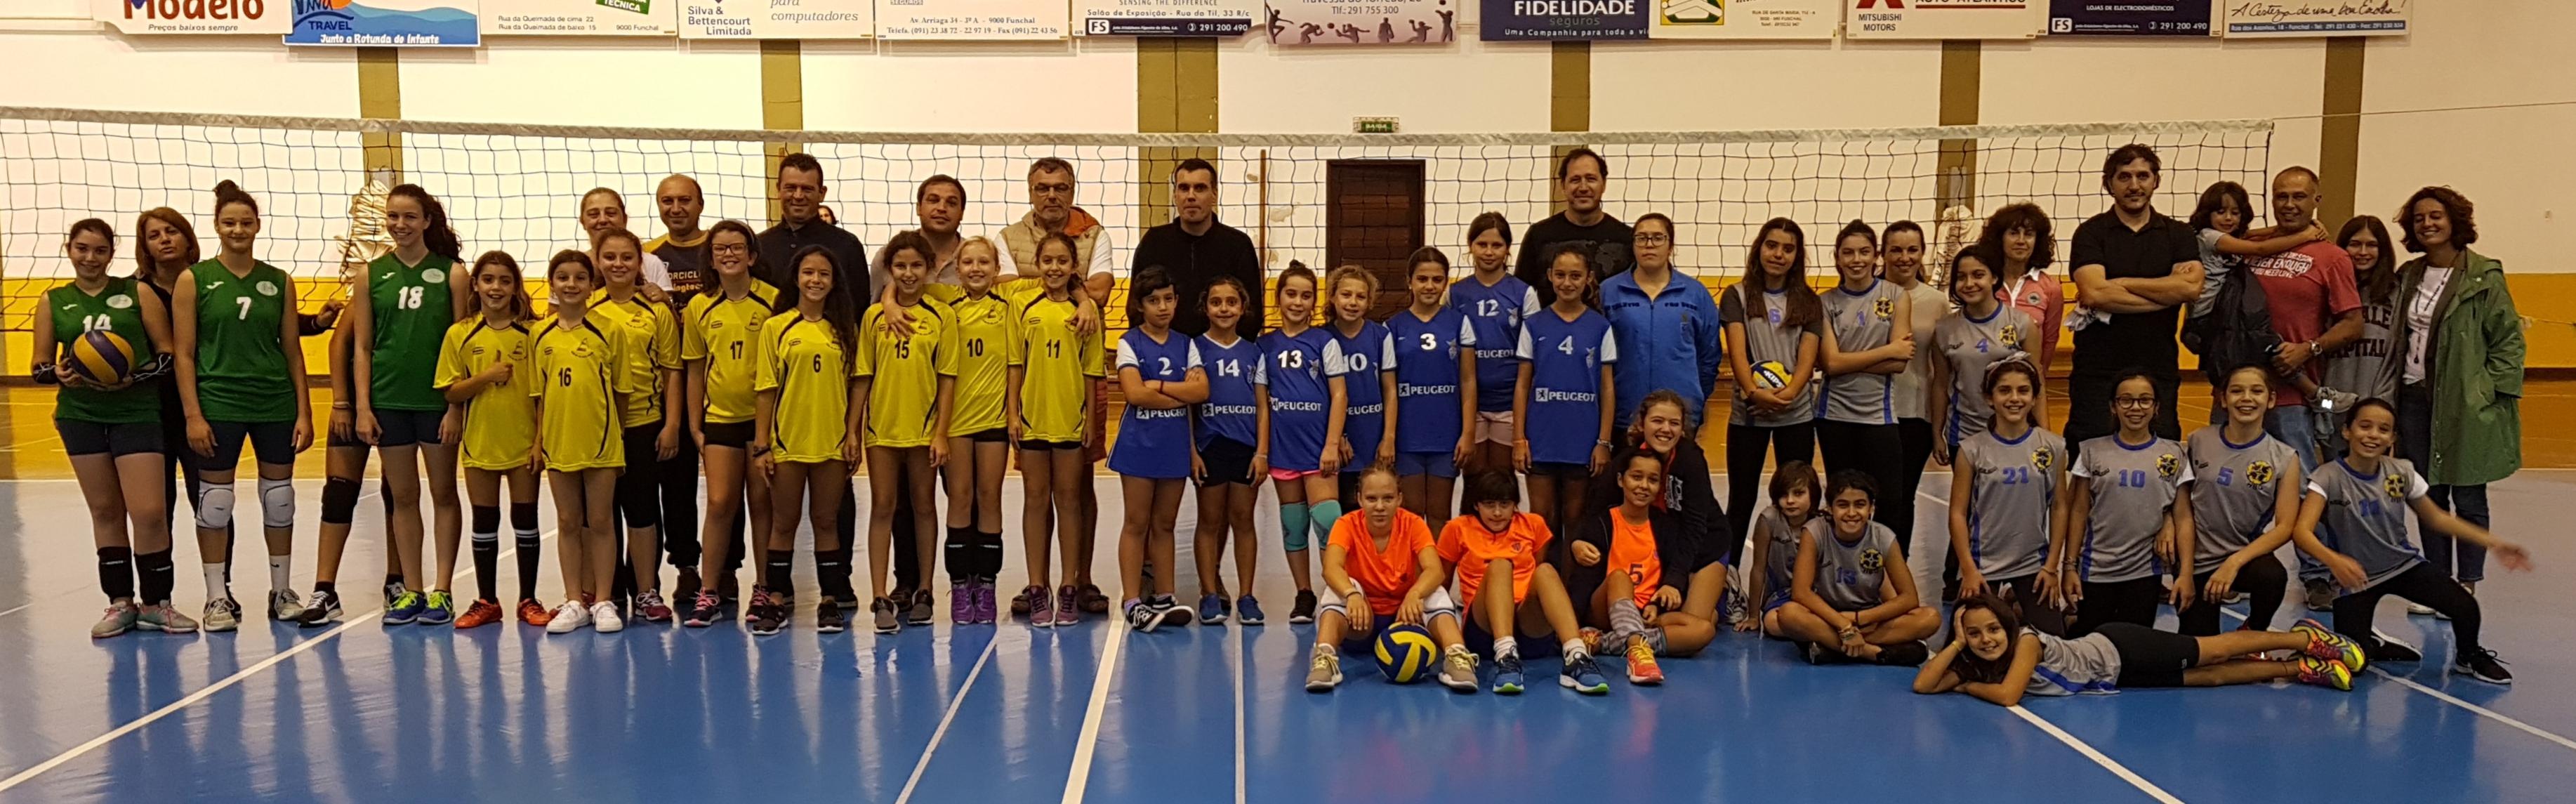 Concentração de voleibol para infantis